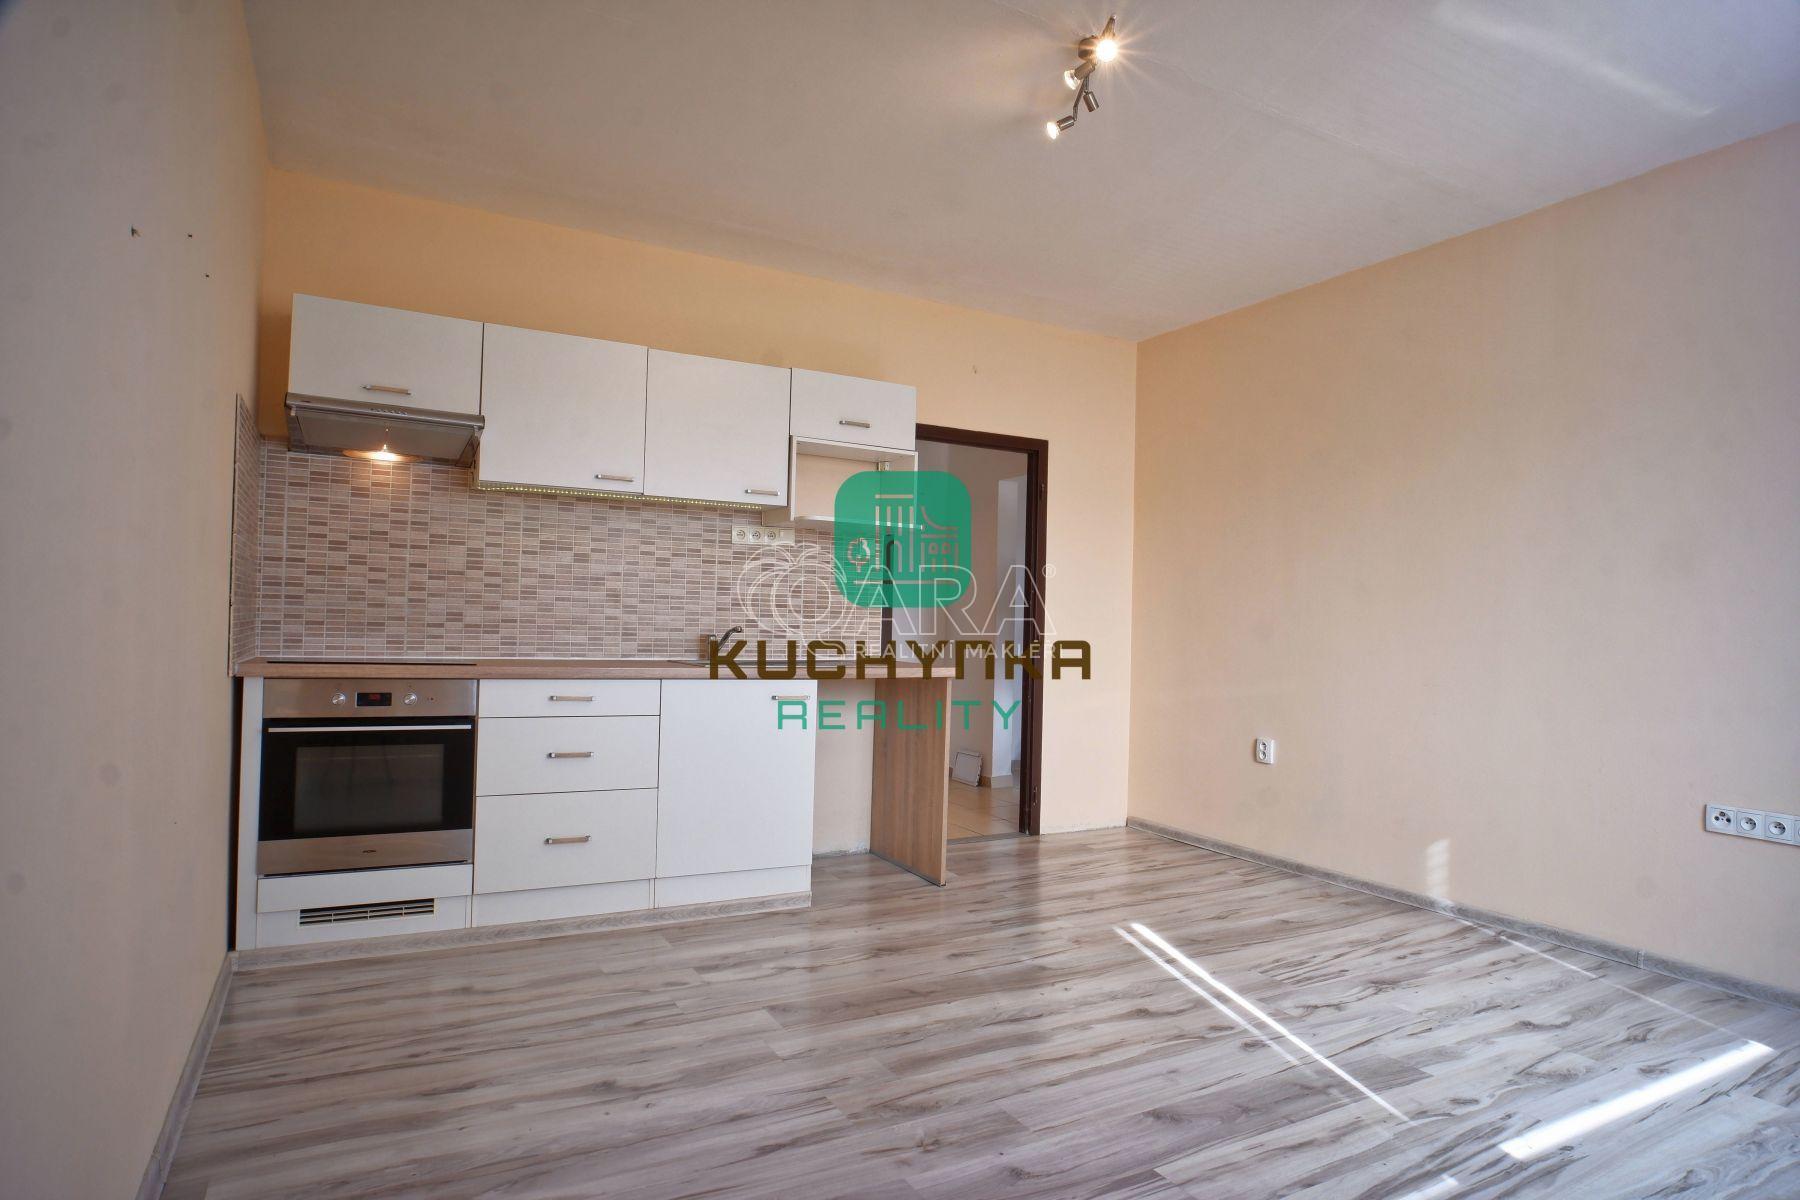 Podnájem bytu 2kk, 43 m2, Sokolská, Osek